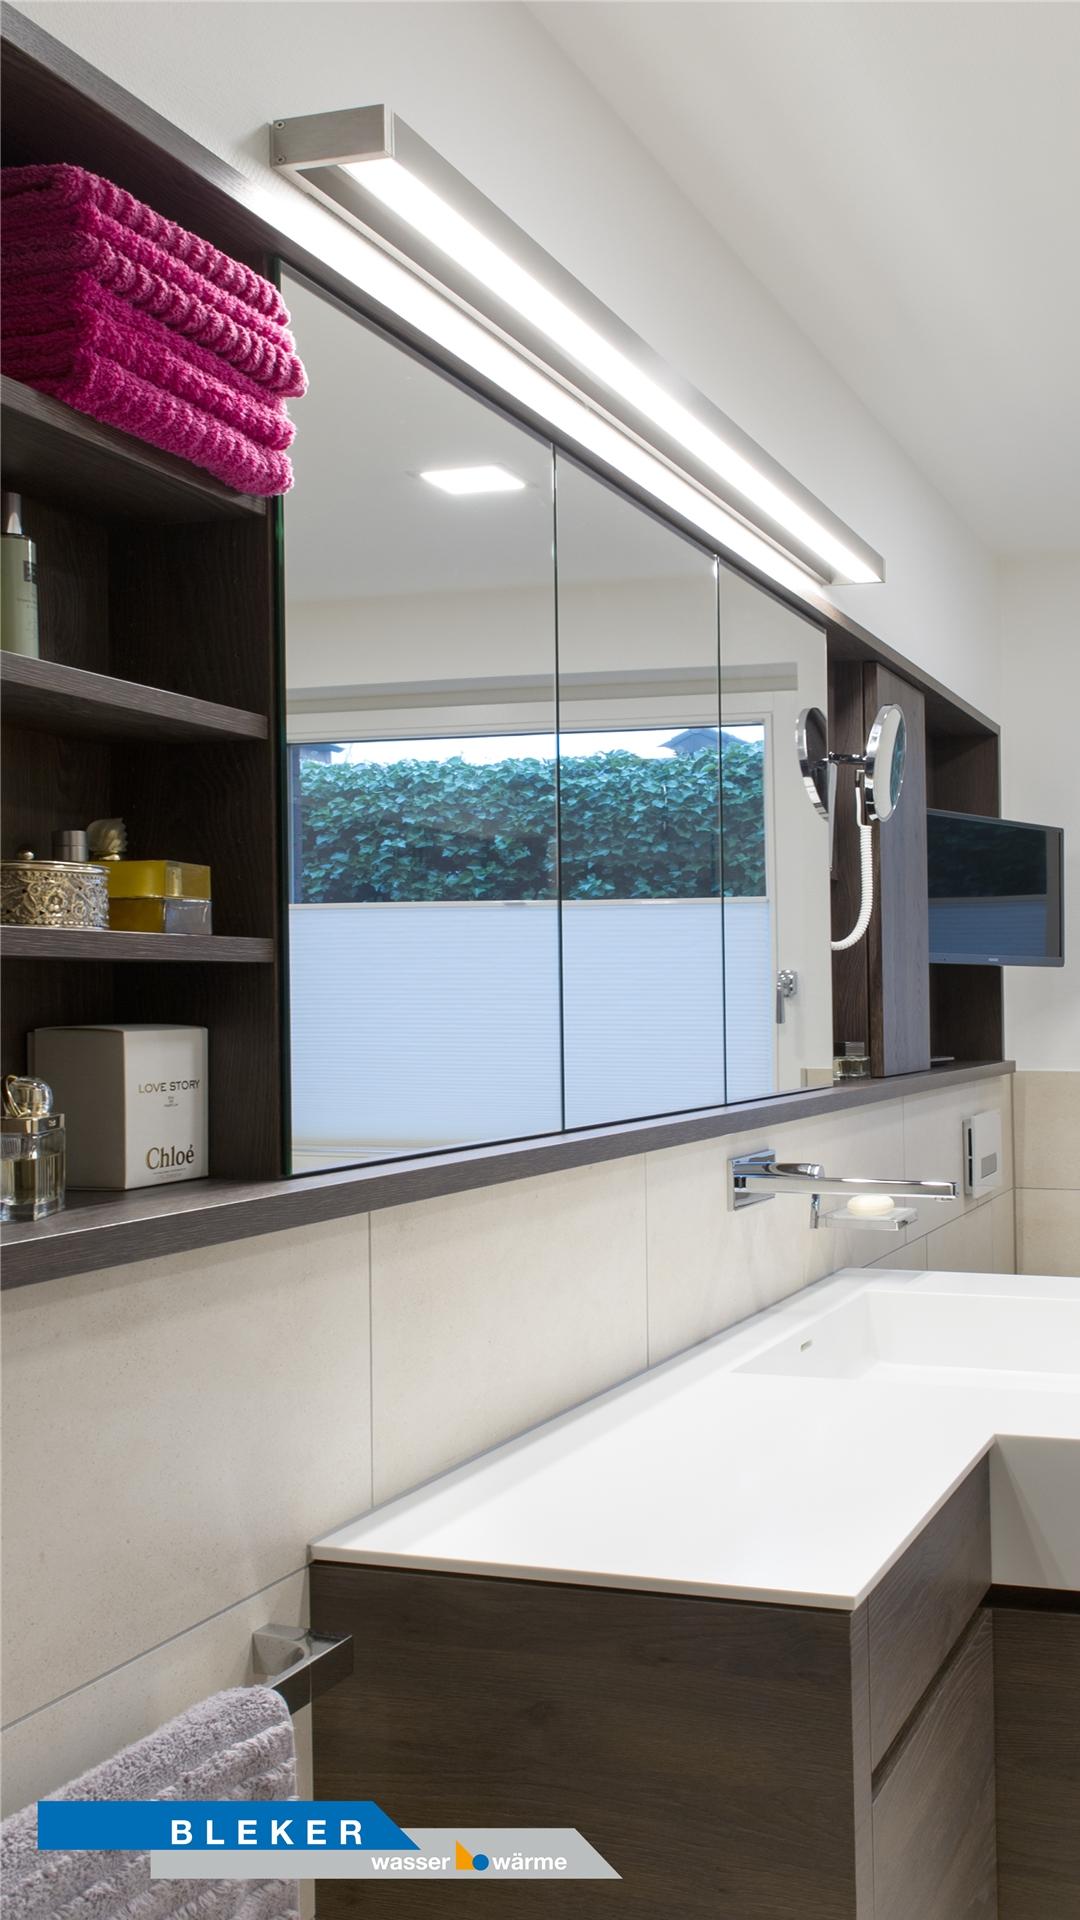 toller großer Spiegelschrank in schwarzbraun mit Einbauregal